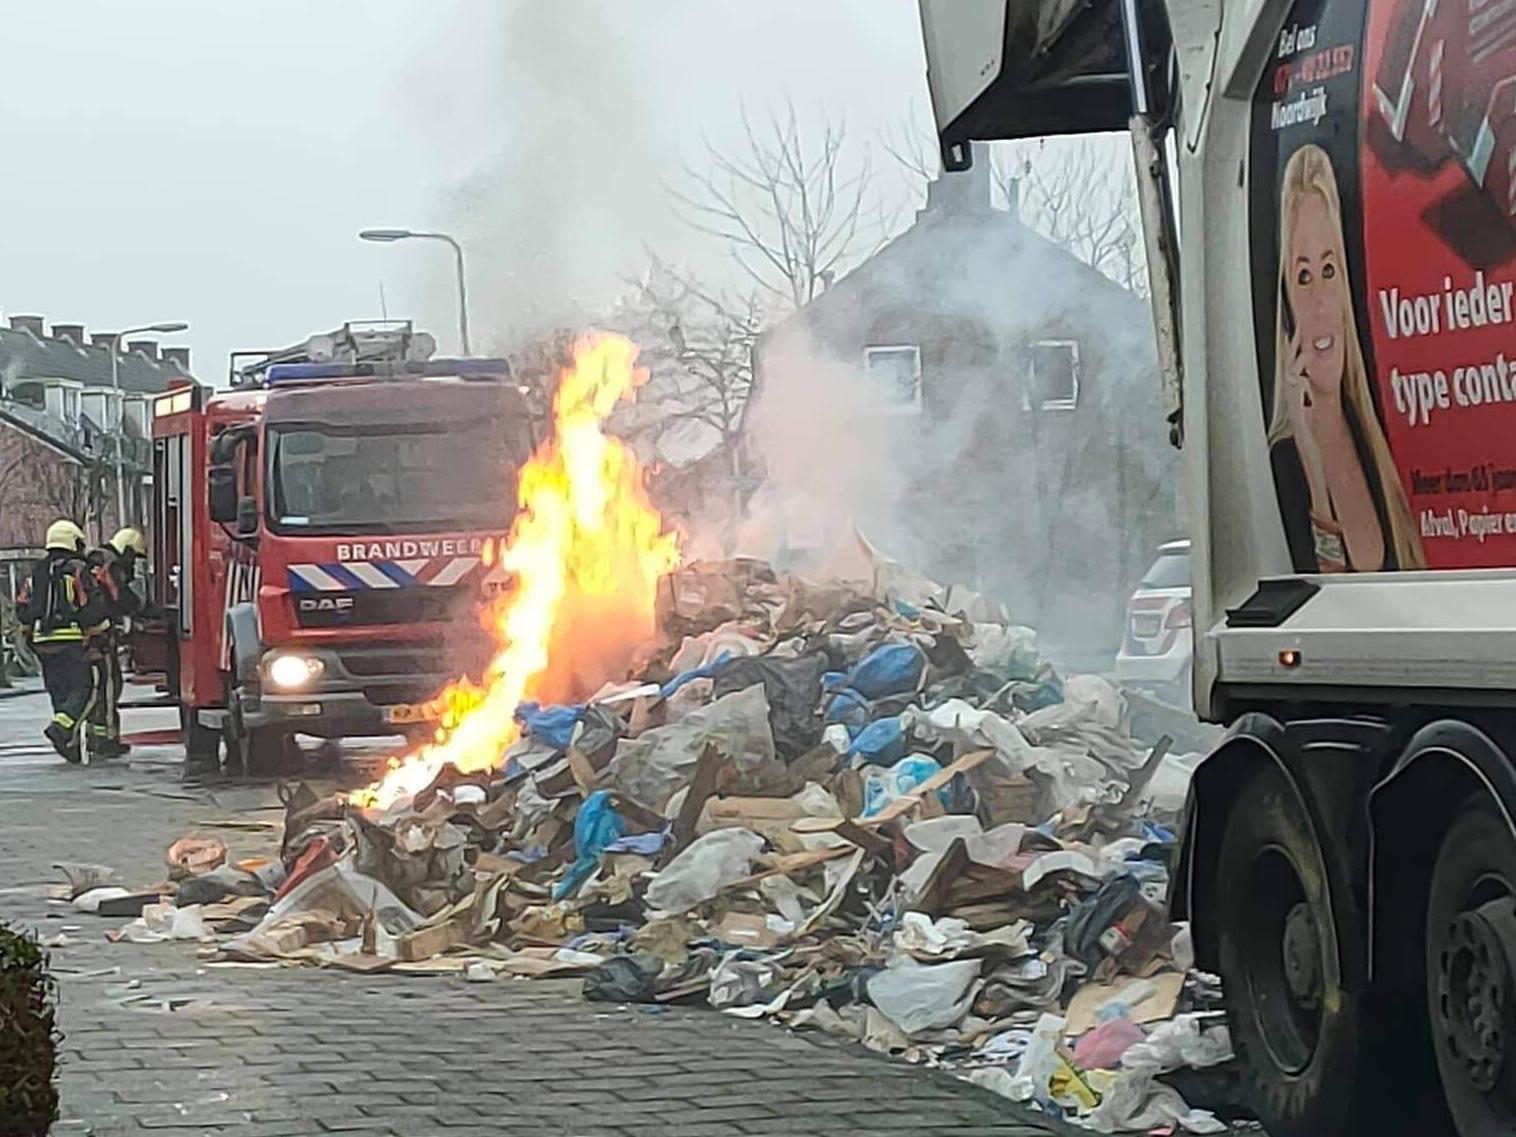 Afval op straat wegens brand in vuilniswagen in Noordwijk